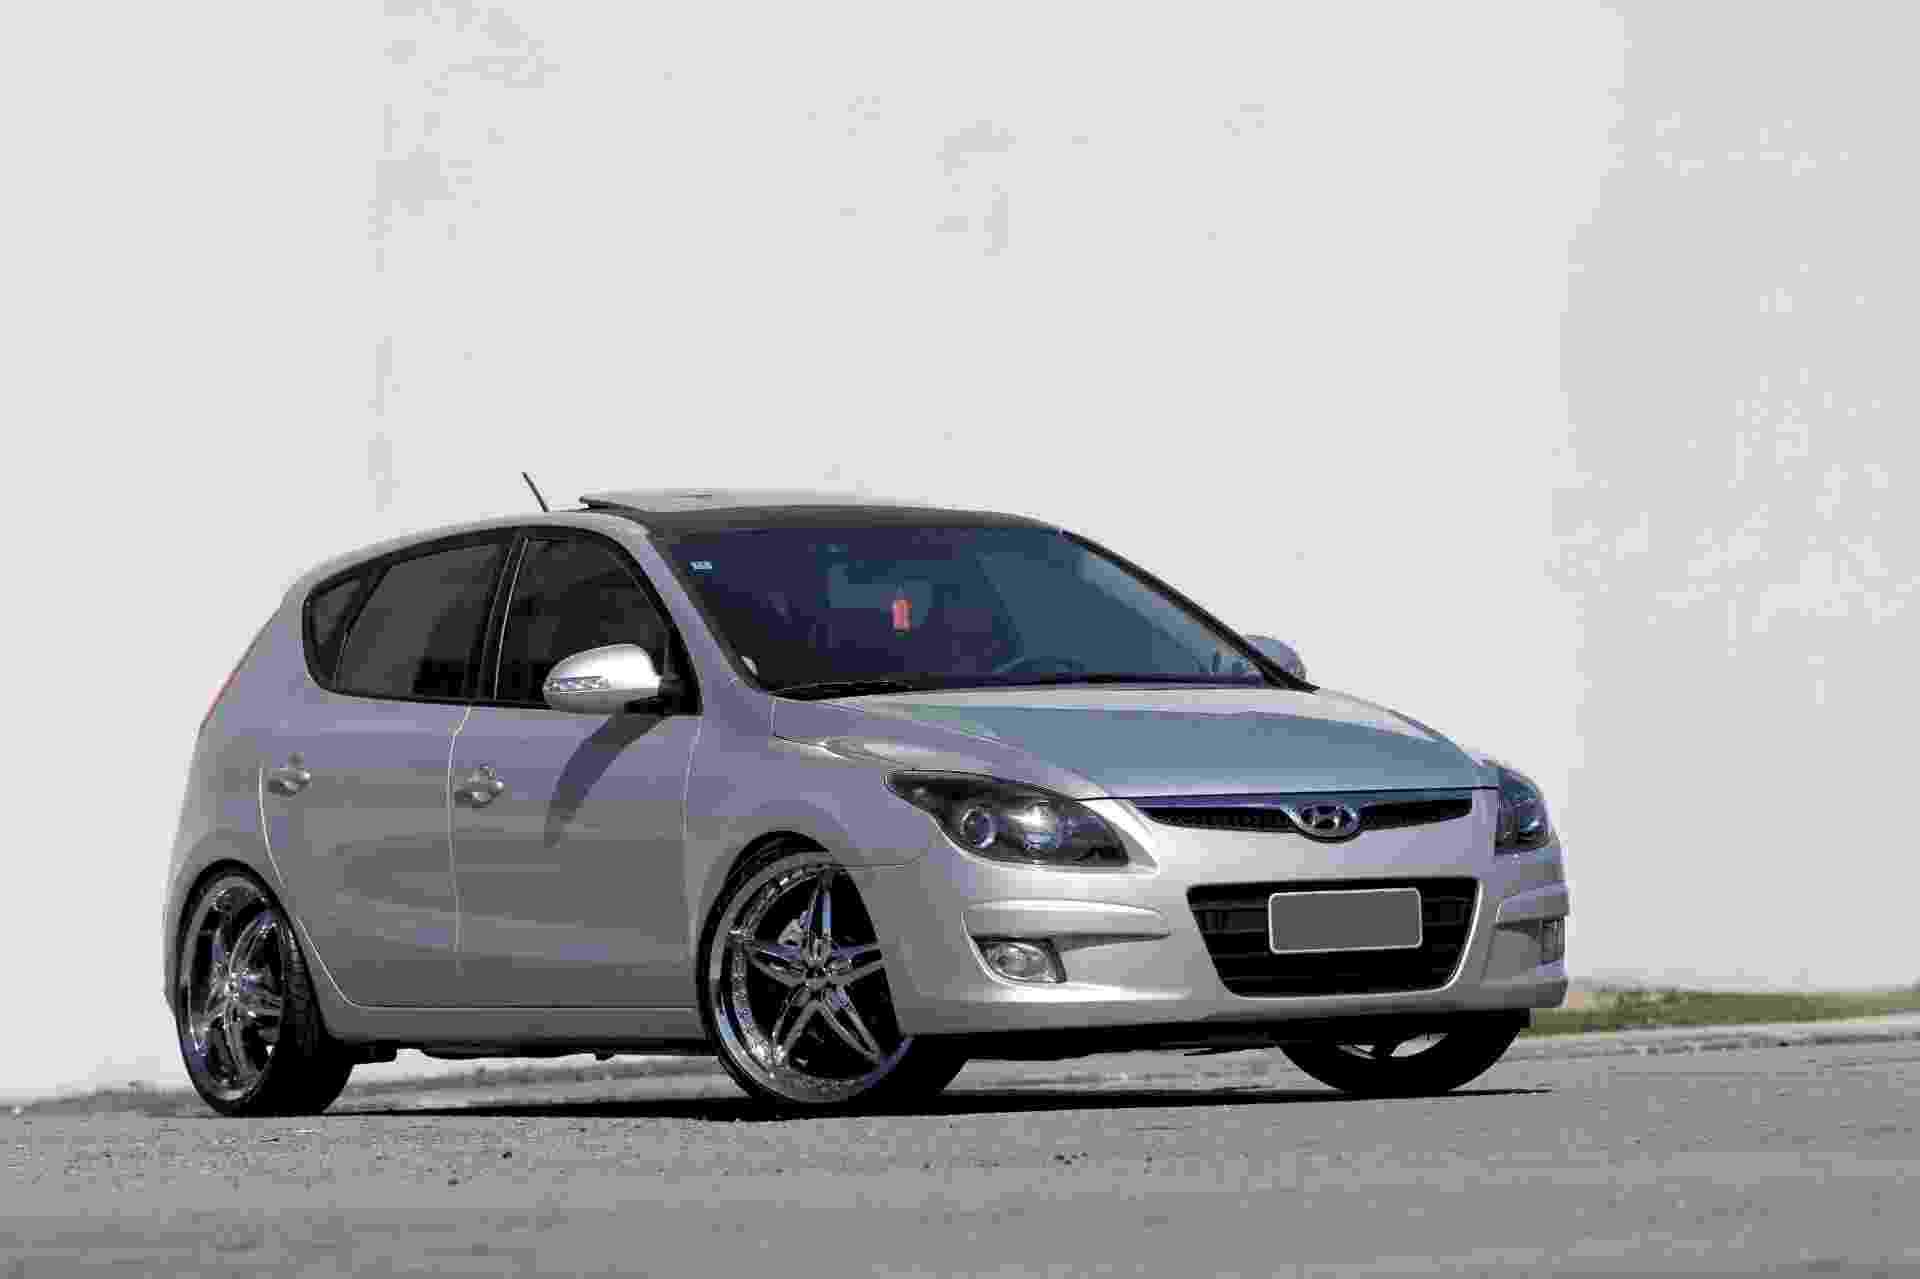 Hyundai i30 arrepia com 14 alto-falantes e visual diferenciado - Luciano Falconi/Fullpower